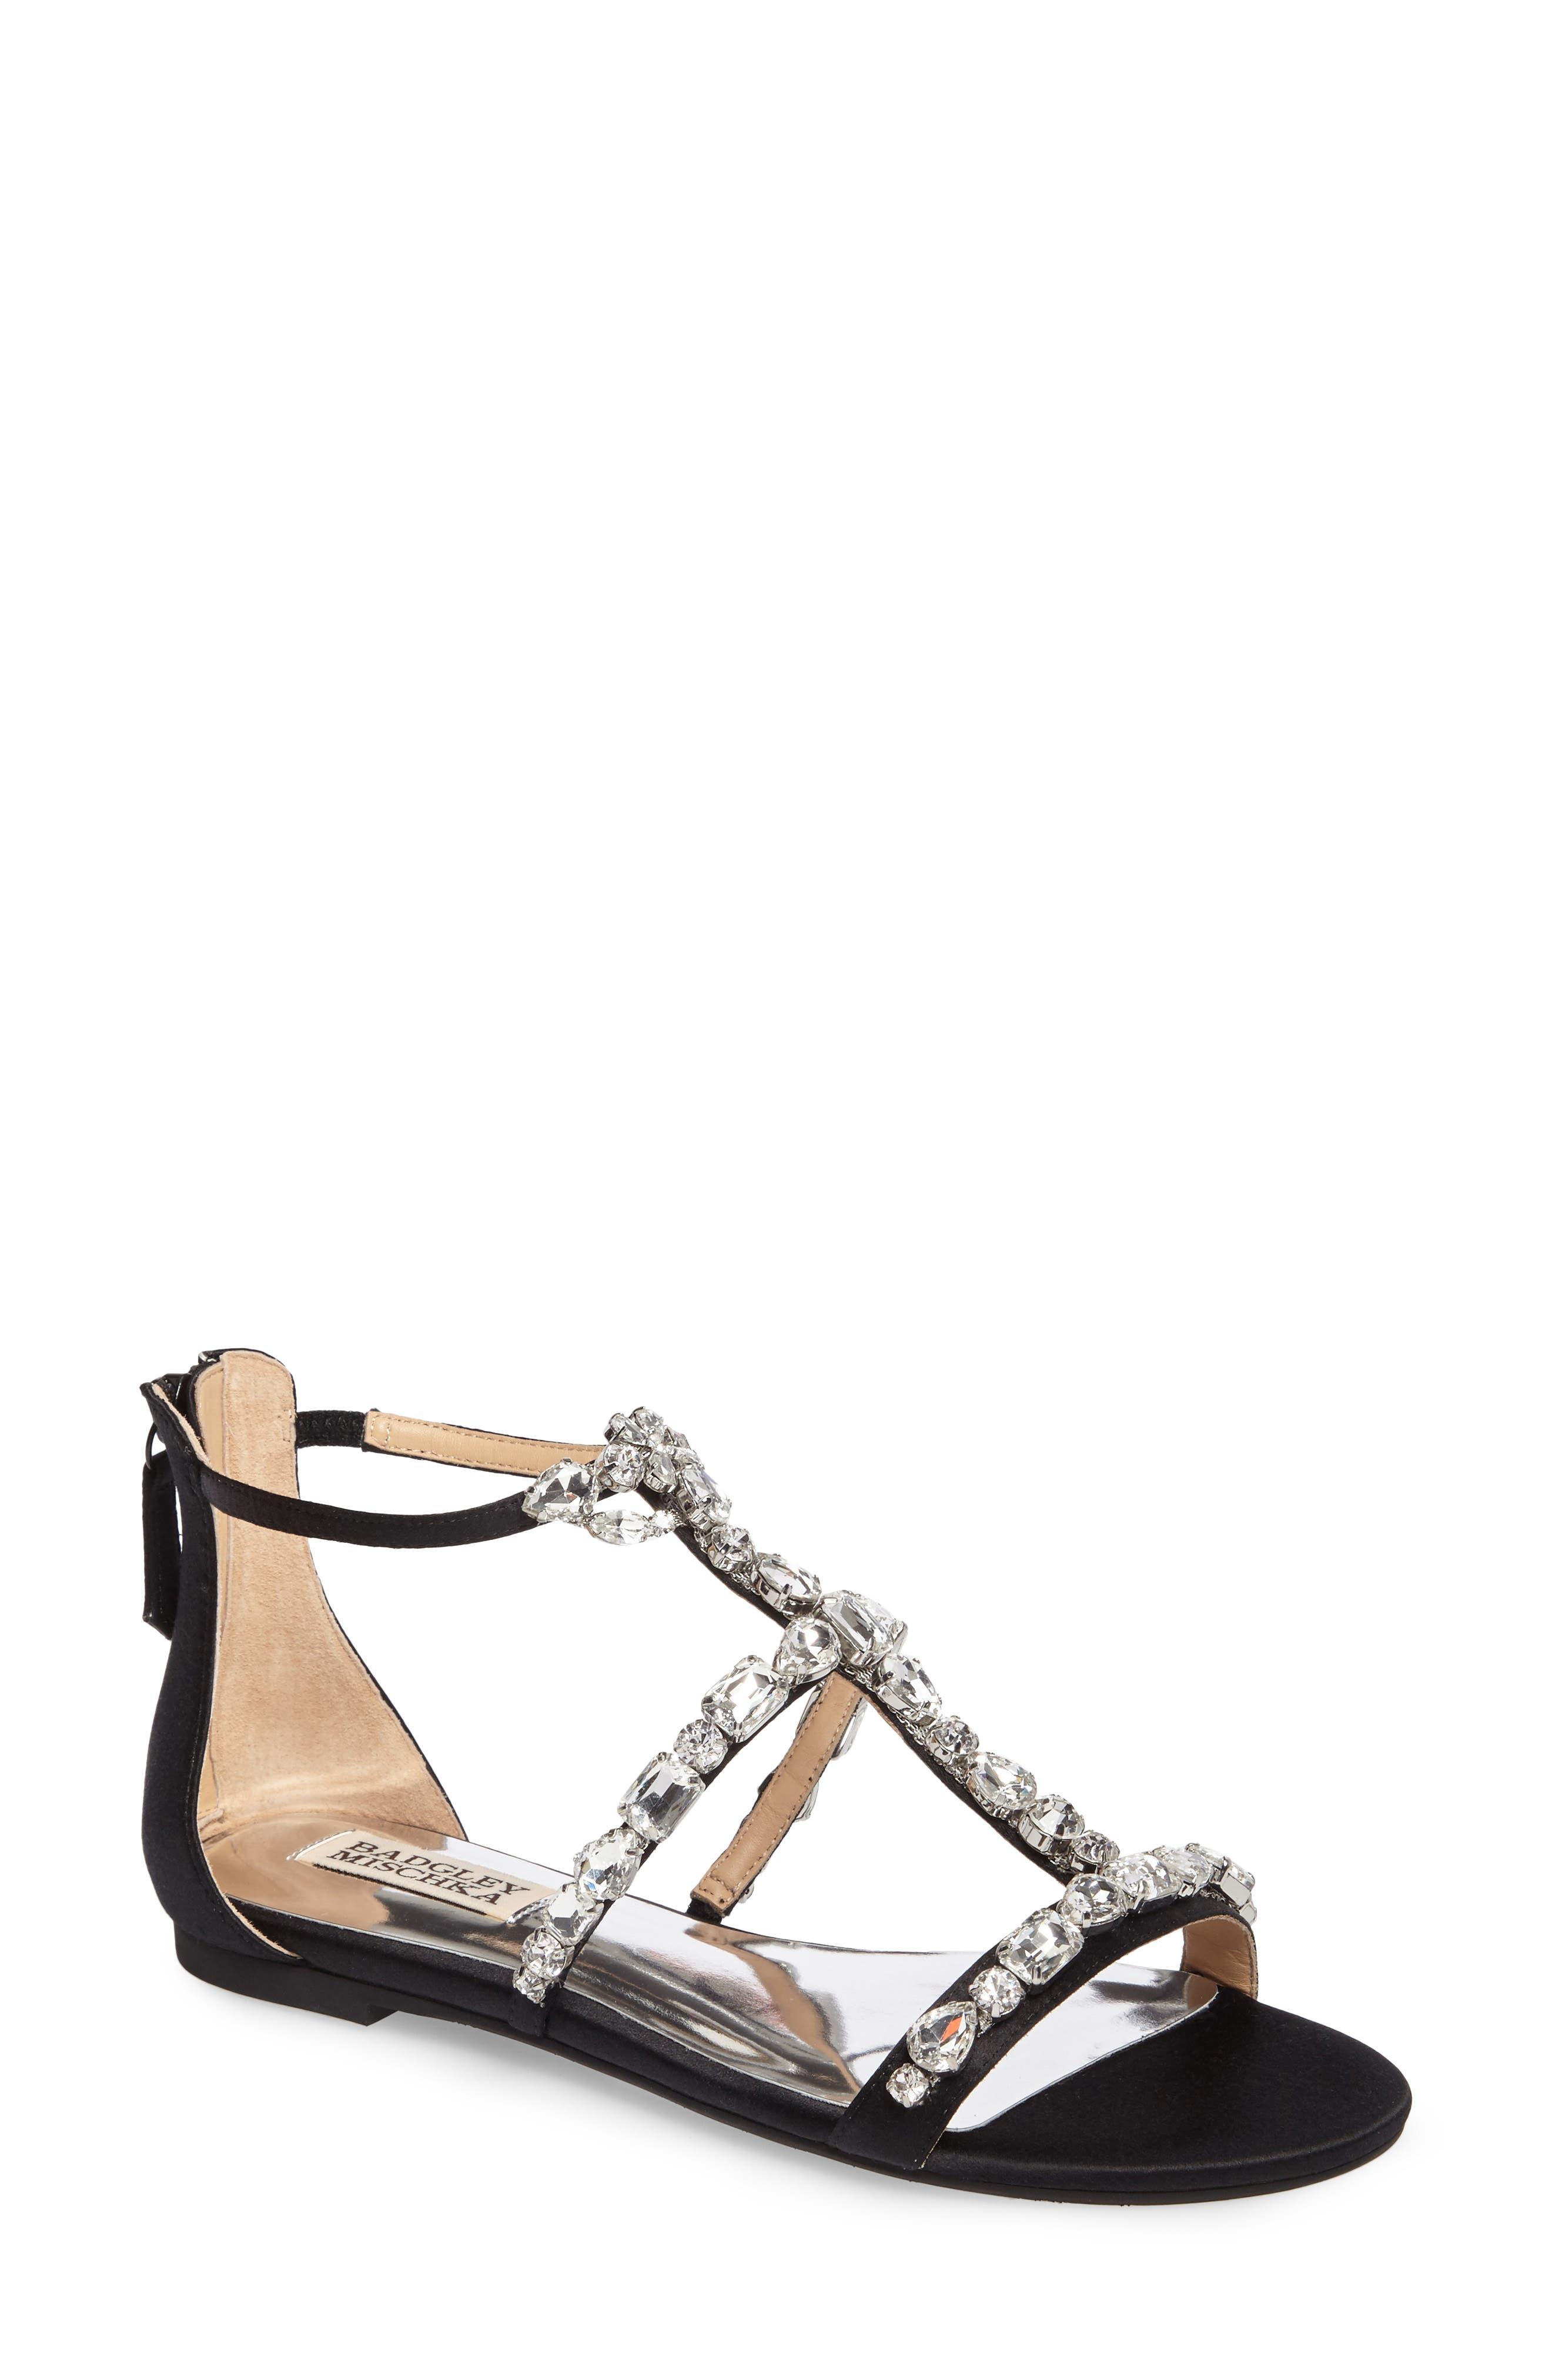 Alternate Image 1 Selected - Badgley Mischka Warren Crystal Embellished Sandal (Women)